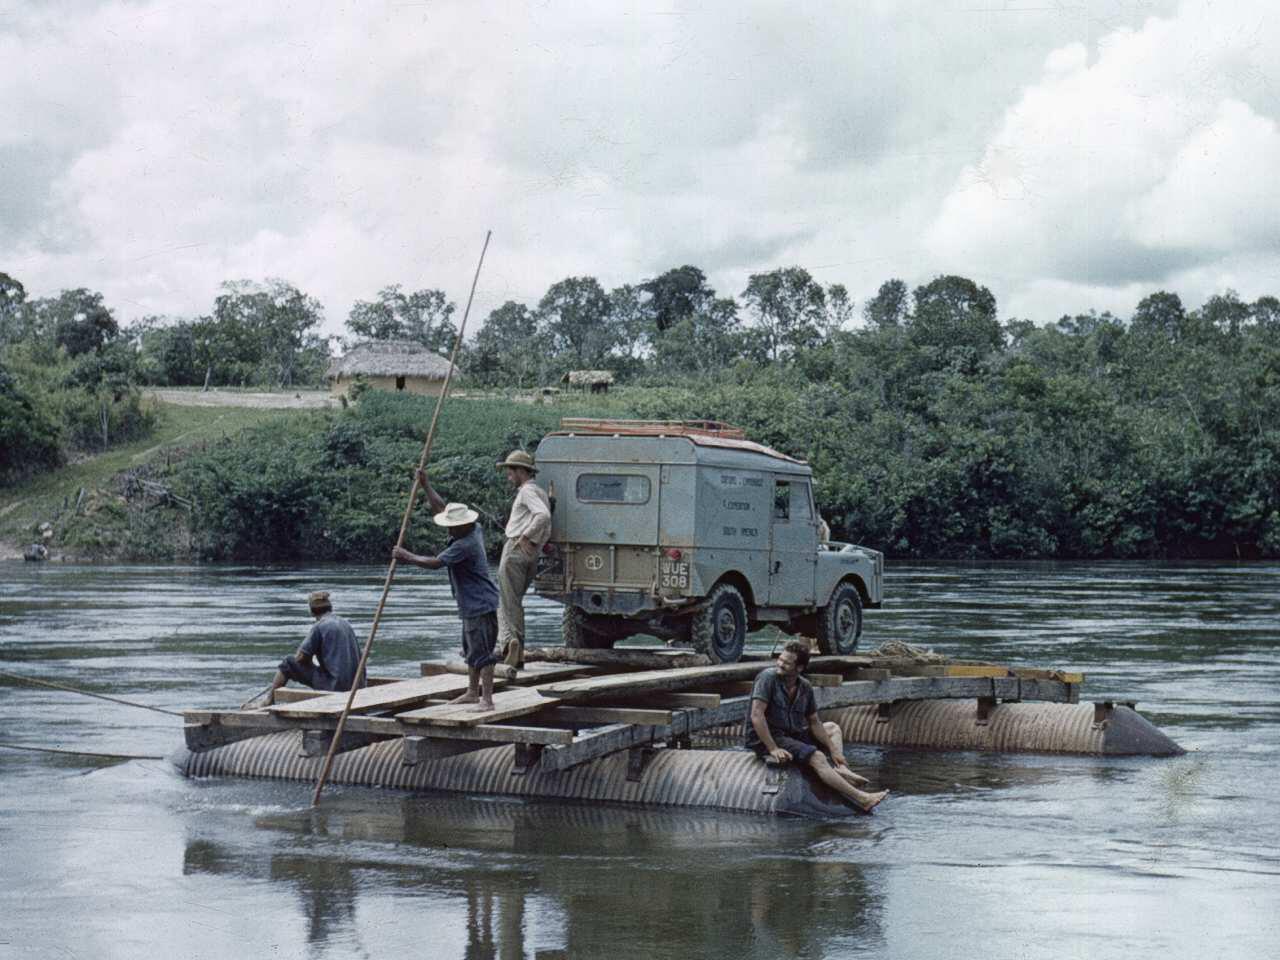 Bild zu 70 Jahre Land Rover